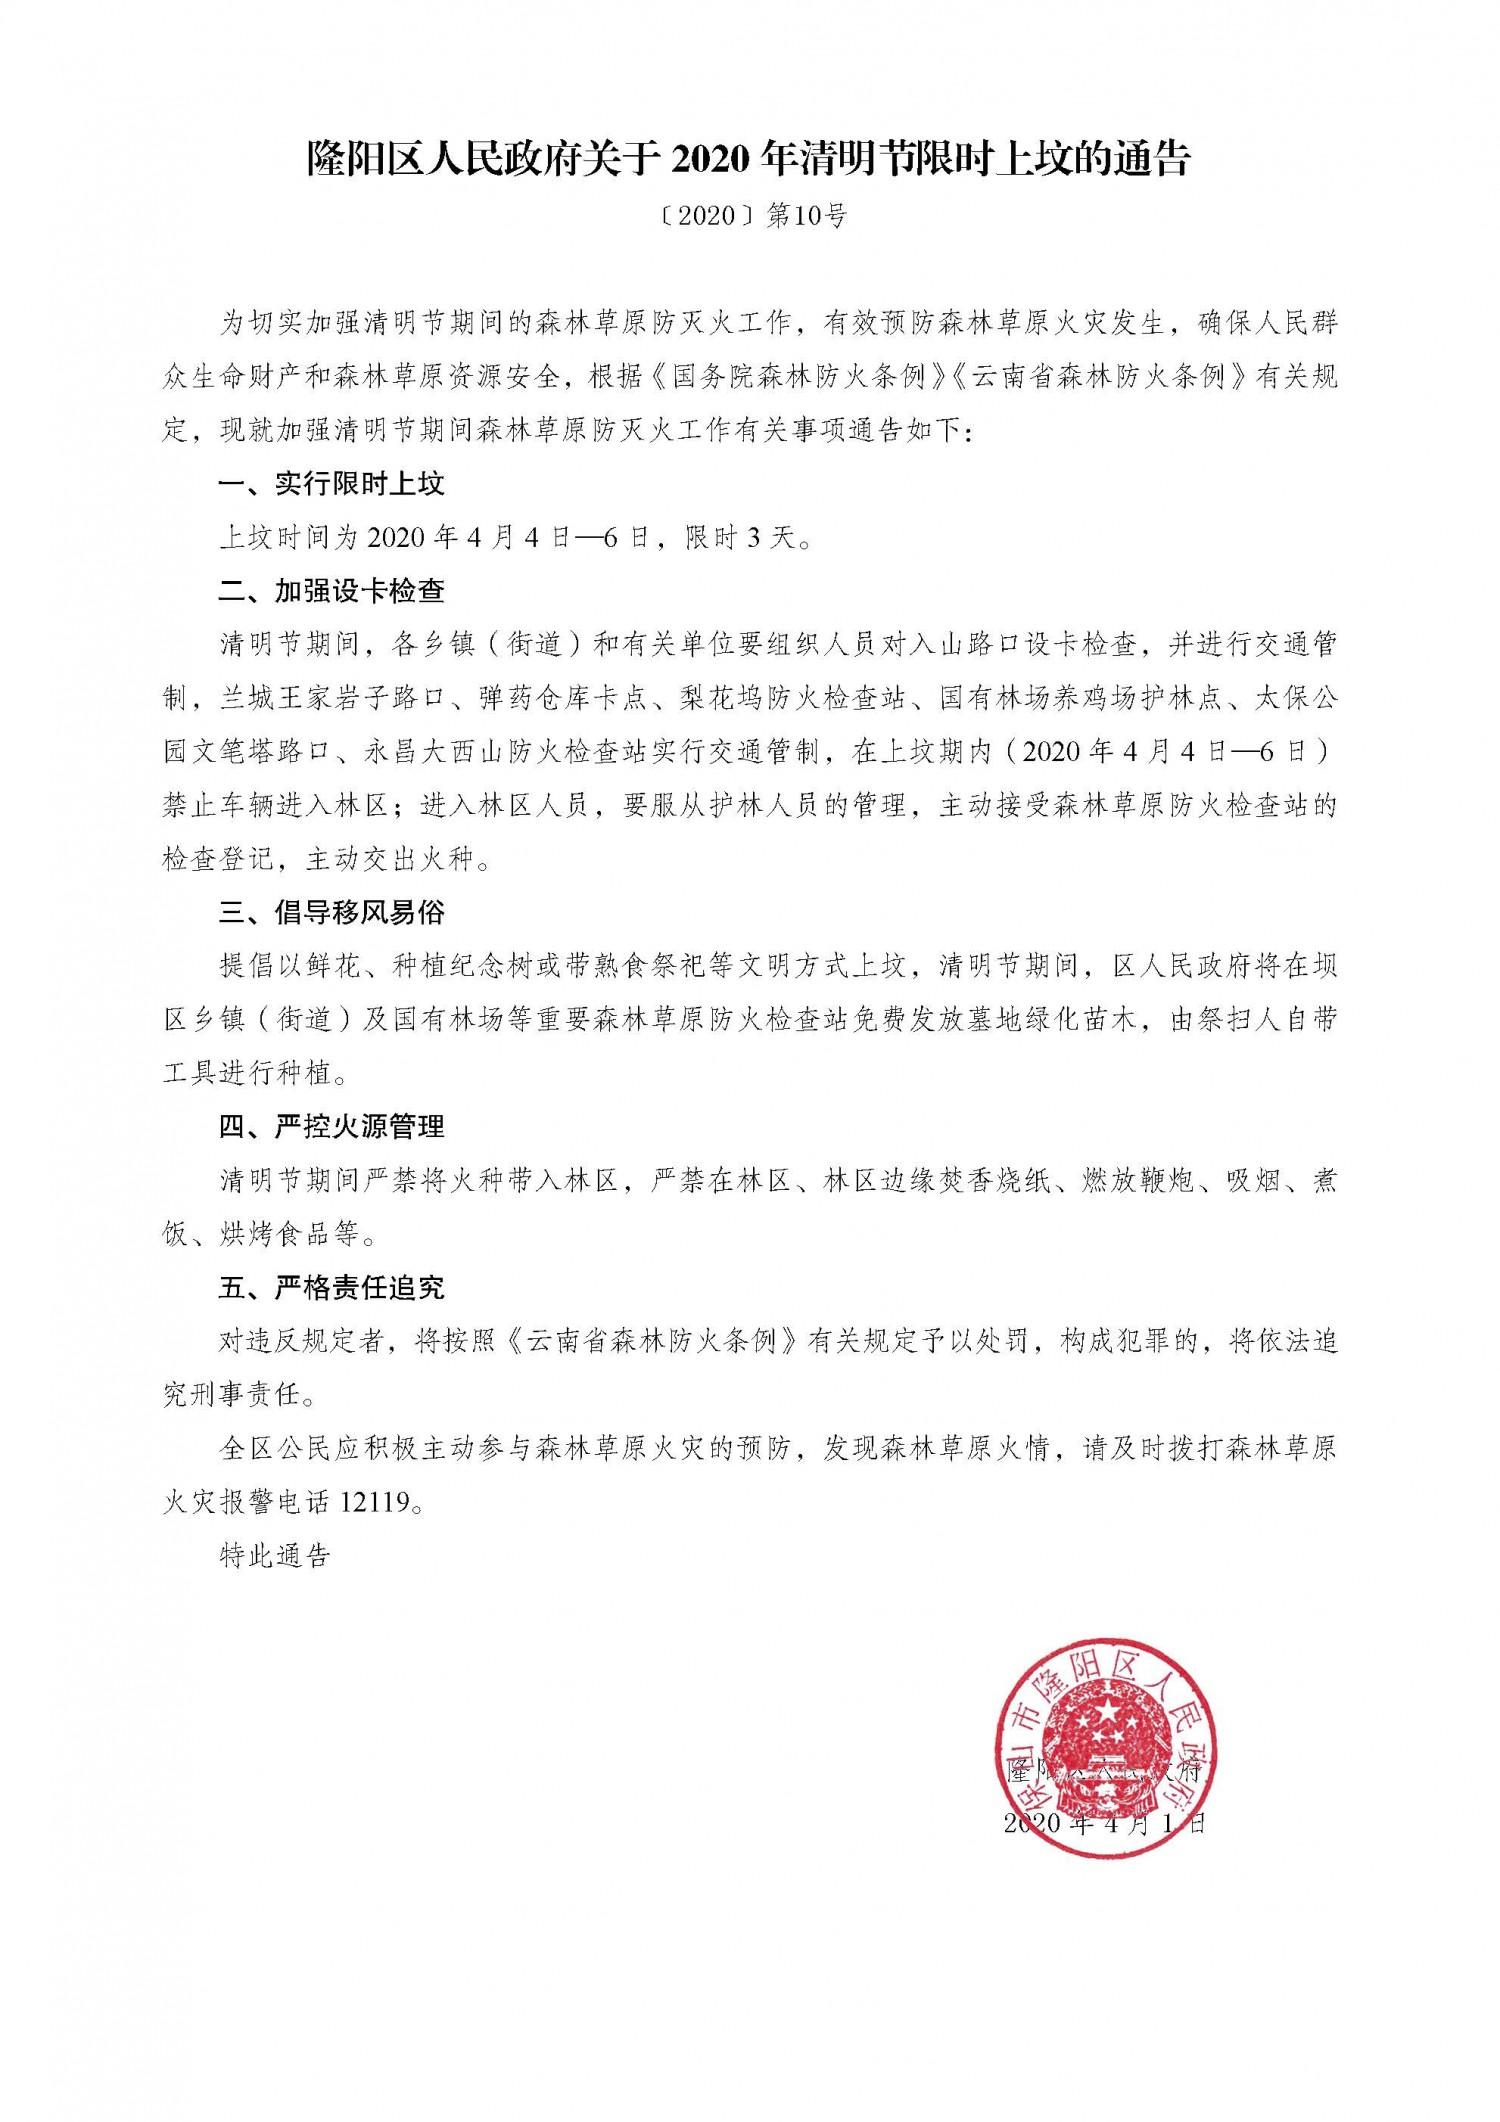 隆阳区人民政府关于 2020 年清明节限时上坟的通告